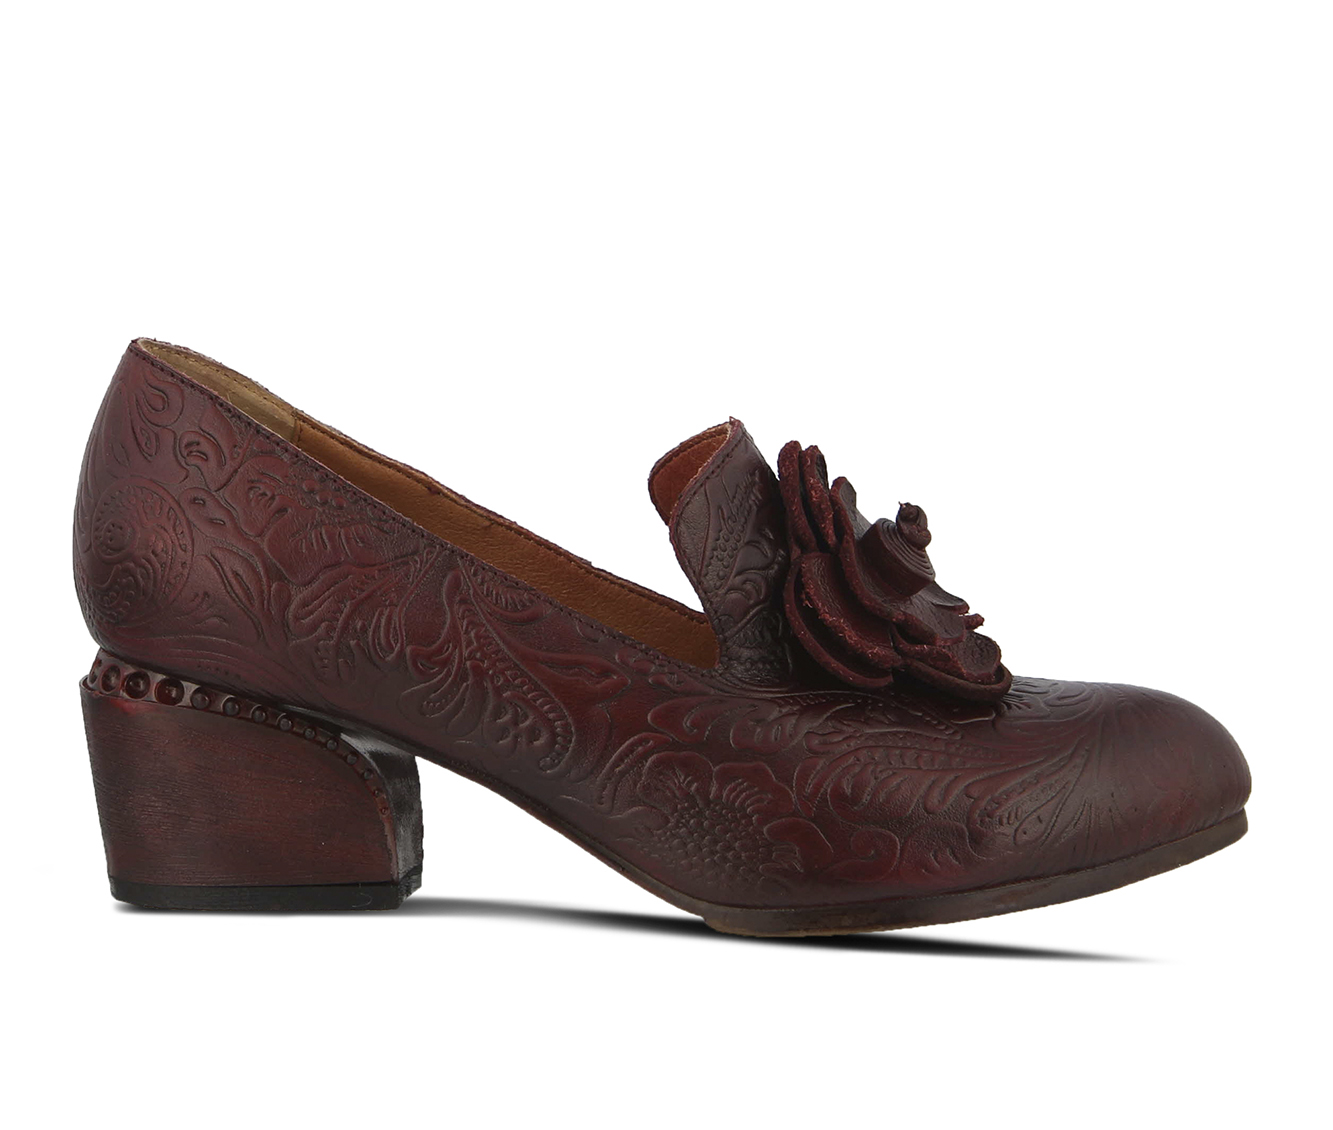 L'Artiste Noora Women's Dress Shoe (Red Leather)